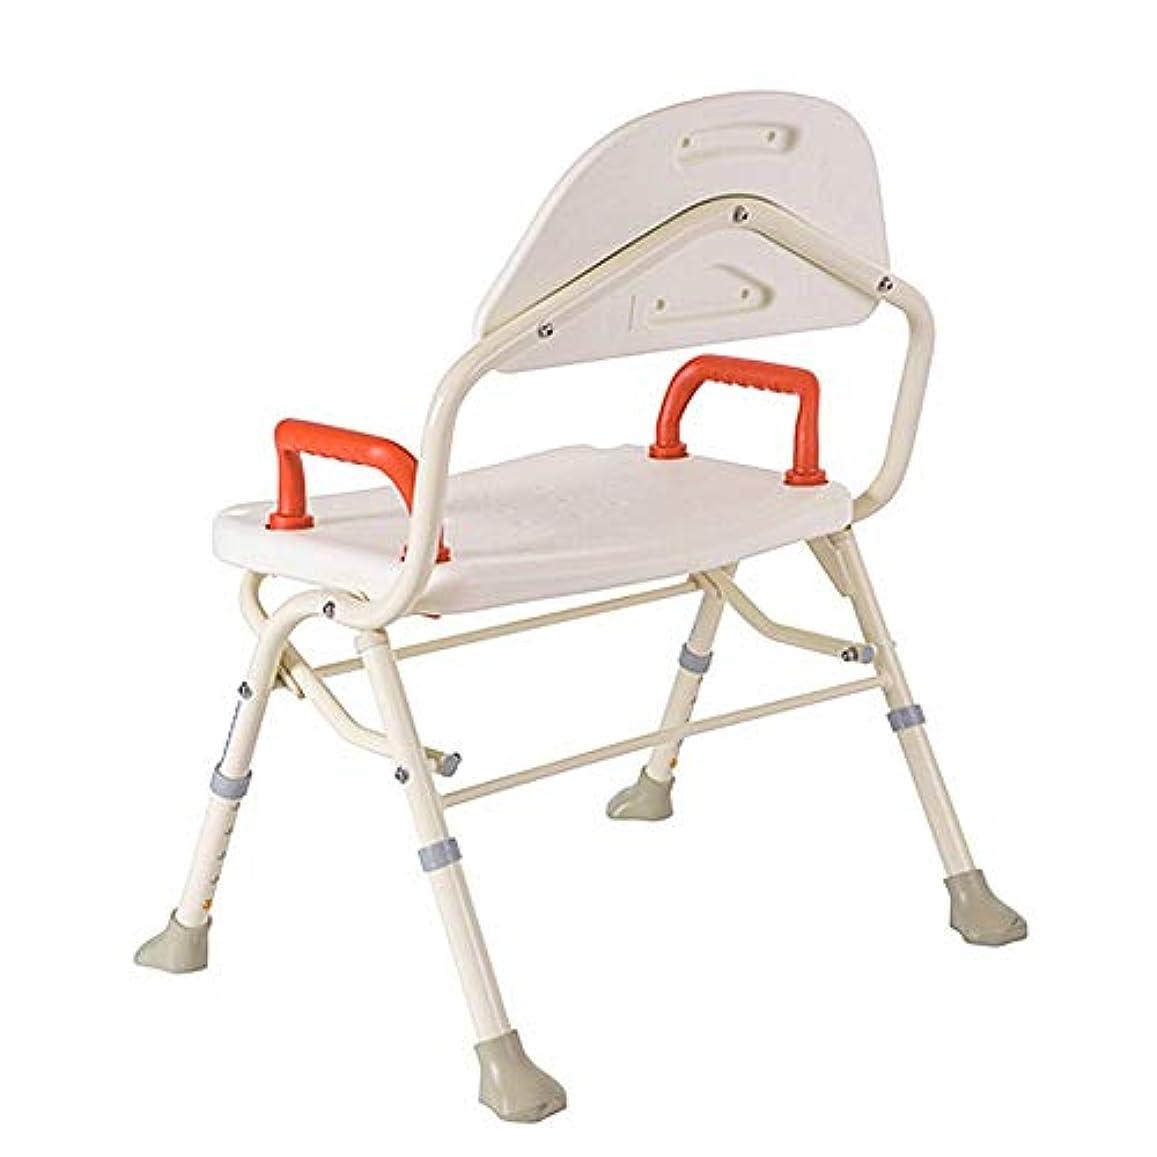 解凍する、雪解け、霜解け姿を消すリード背もたれのあるシャワースツール、調節可能なシャワーシート、アーム付きのバスチェア、高齢者用のパッド入りシート、身体障害者の安定性